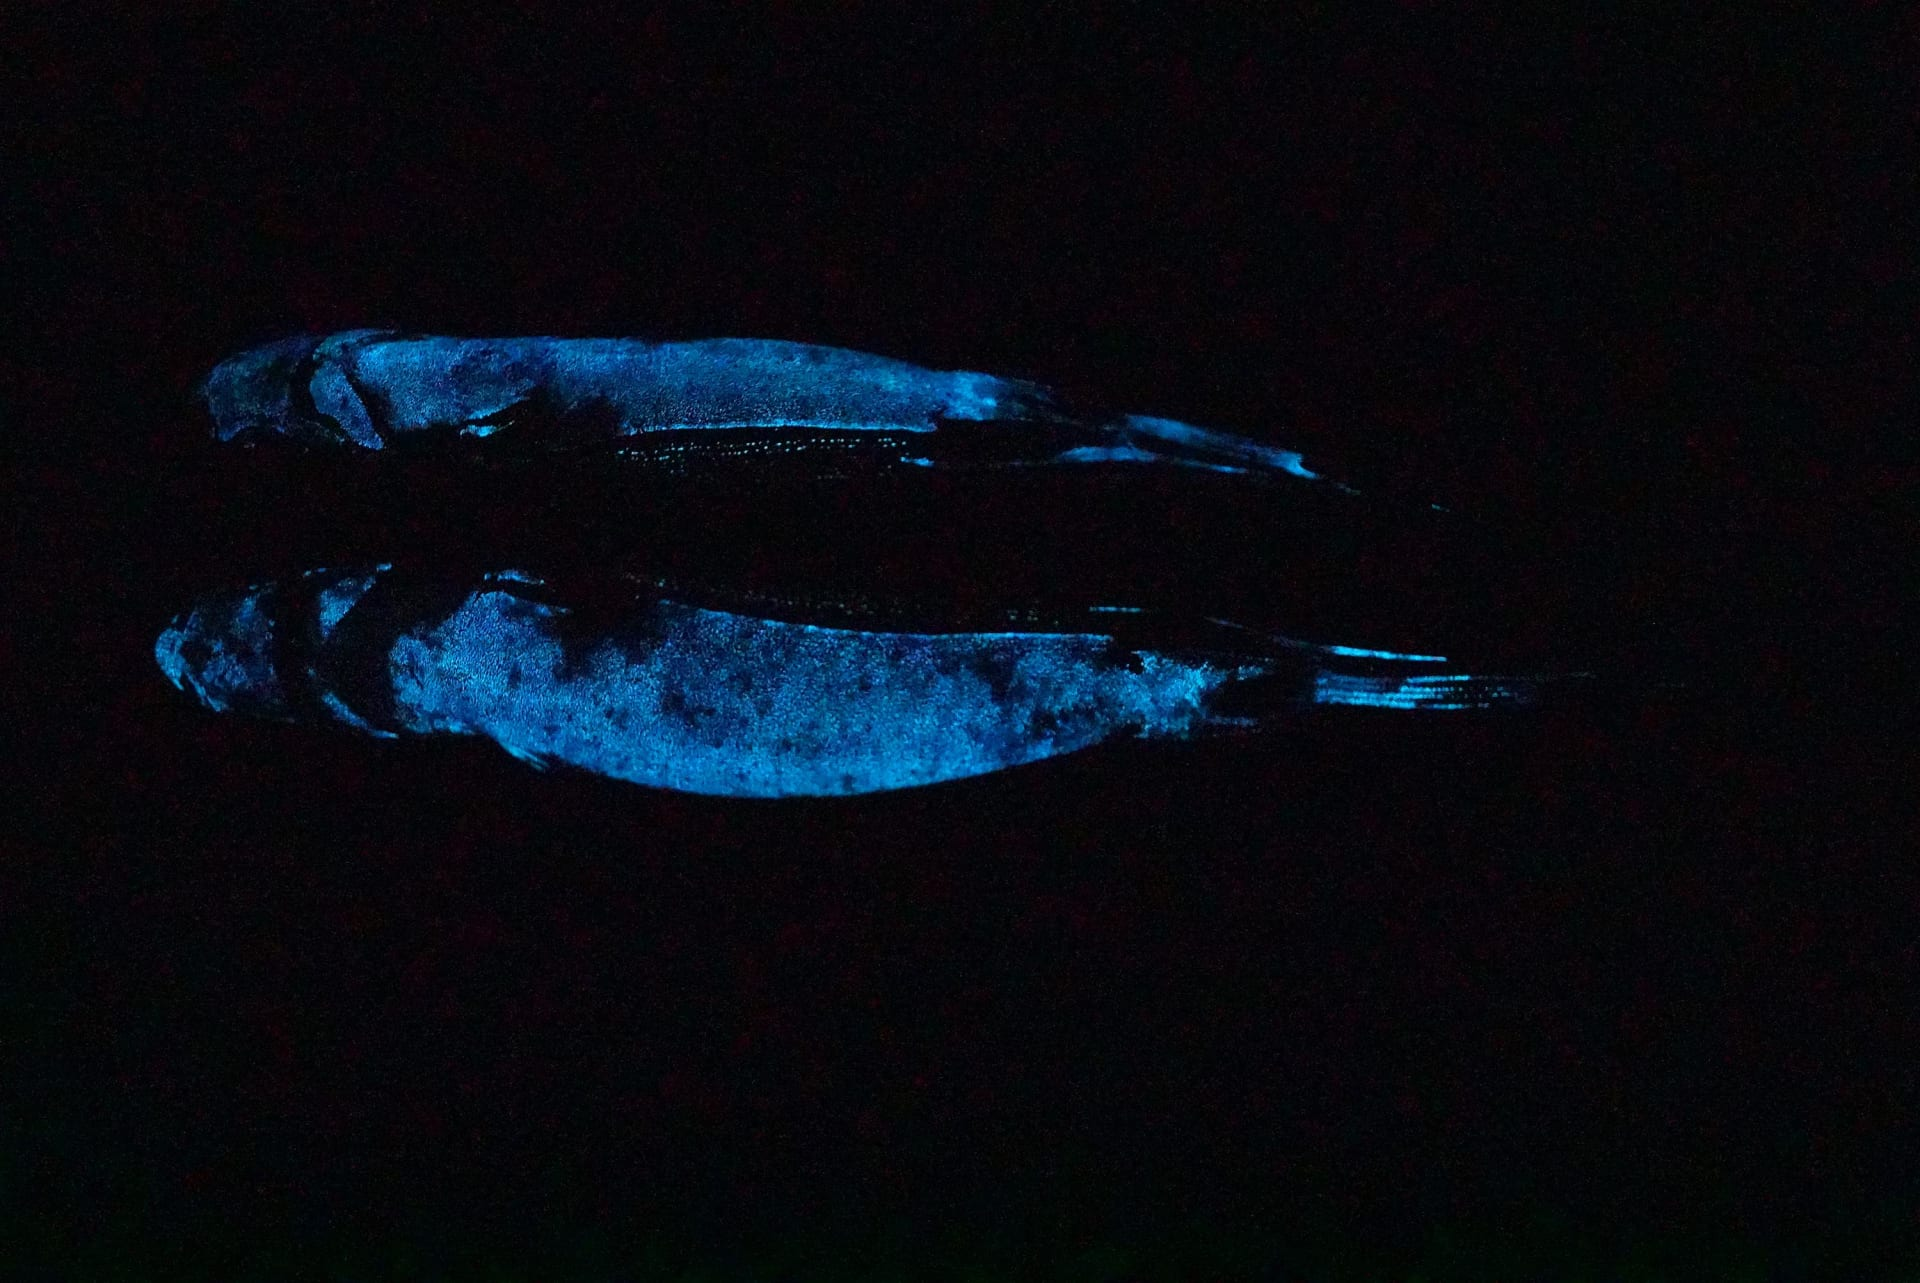 لأول مرة.. التقاط علماء أول صورة لسمكة قرش متوهجة على الإطلاق